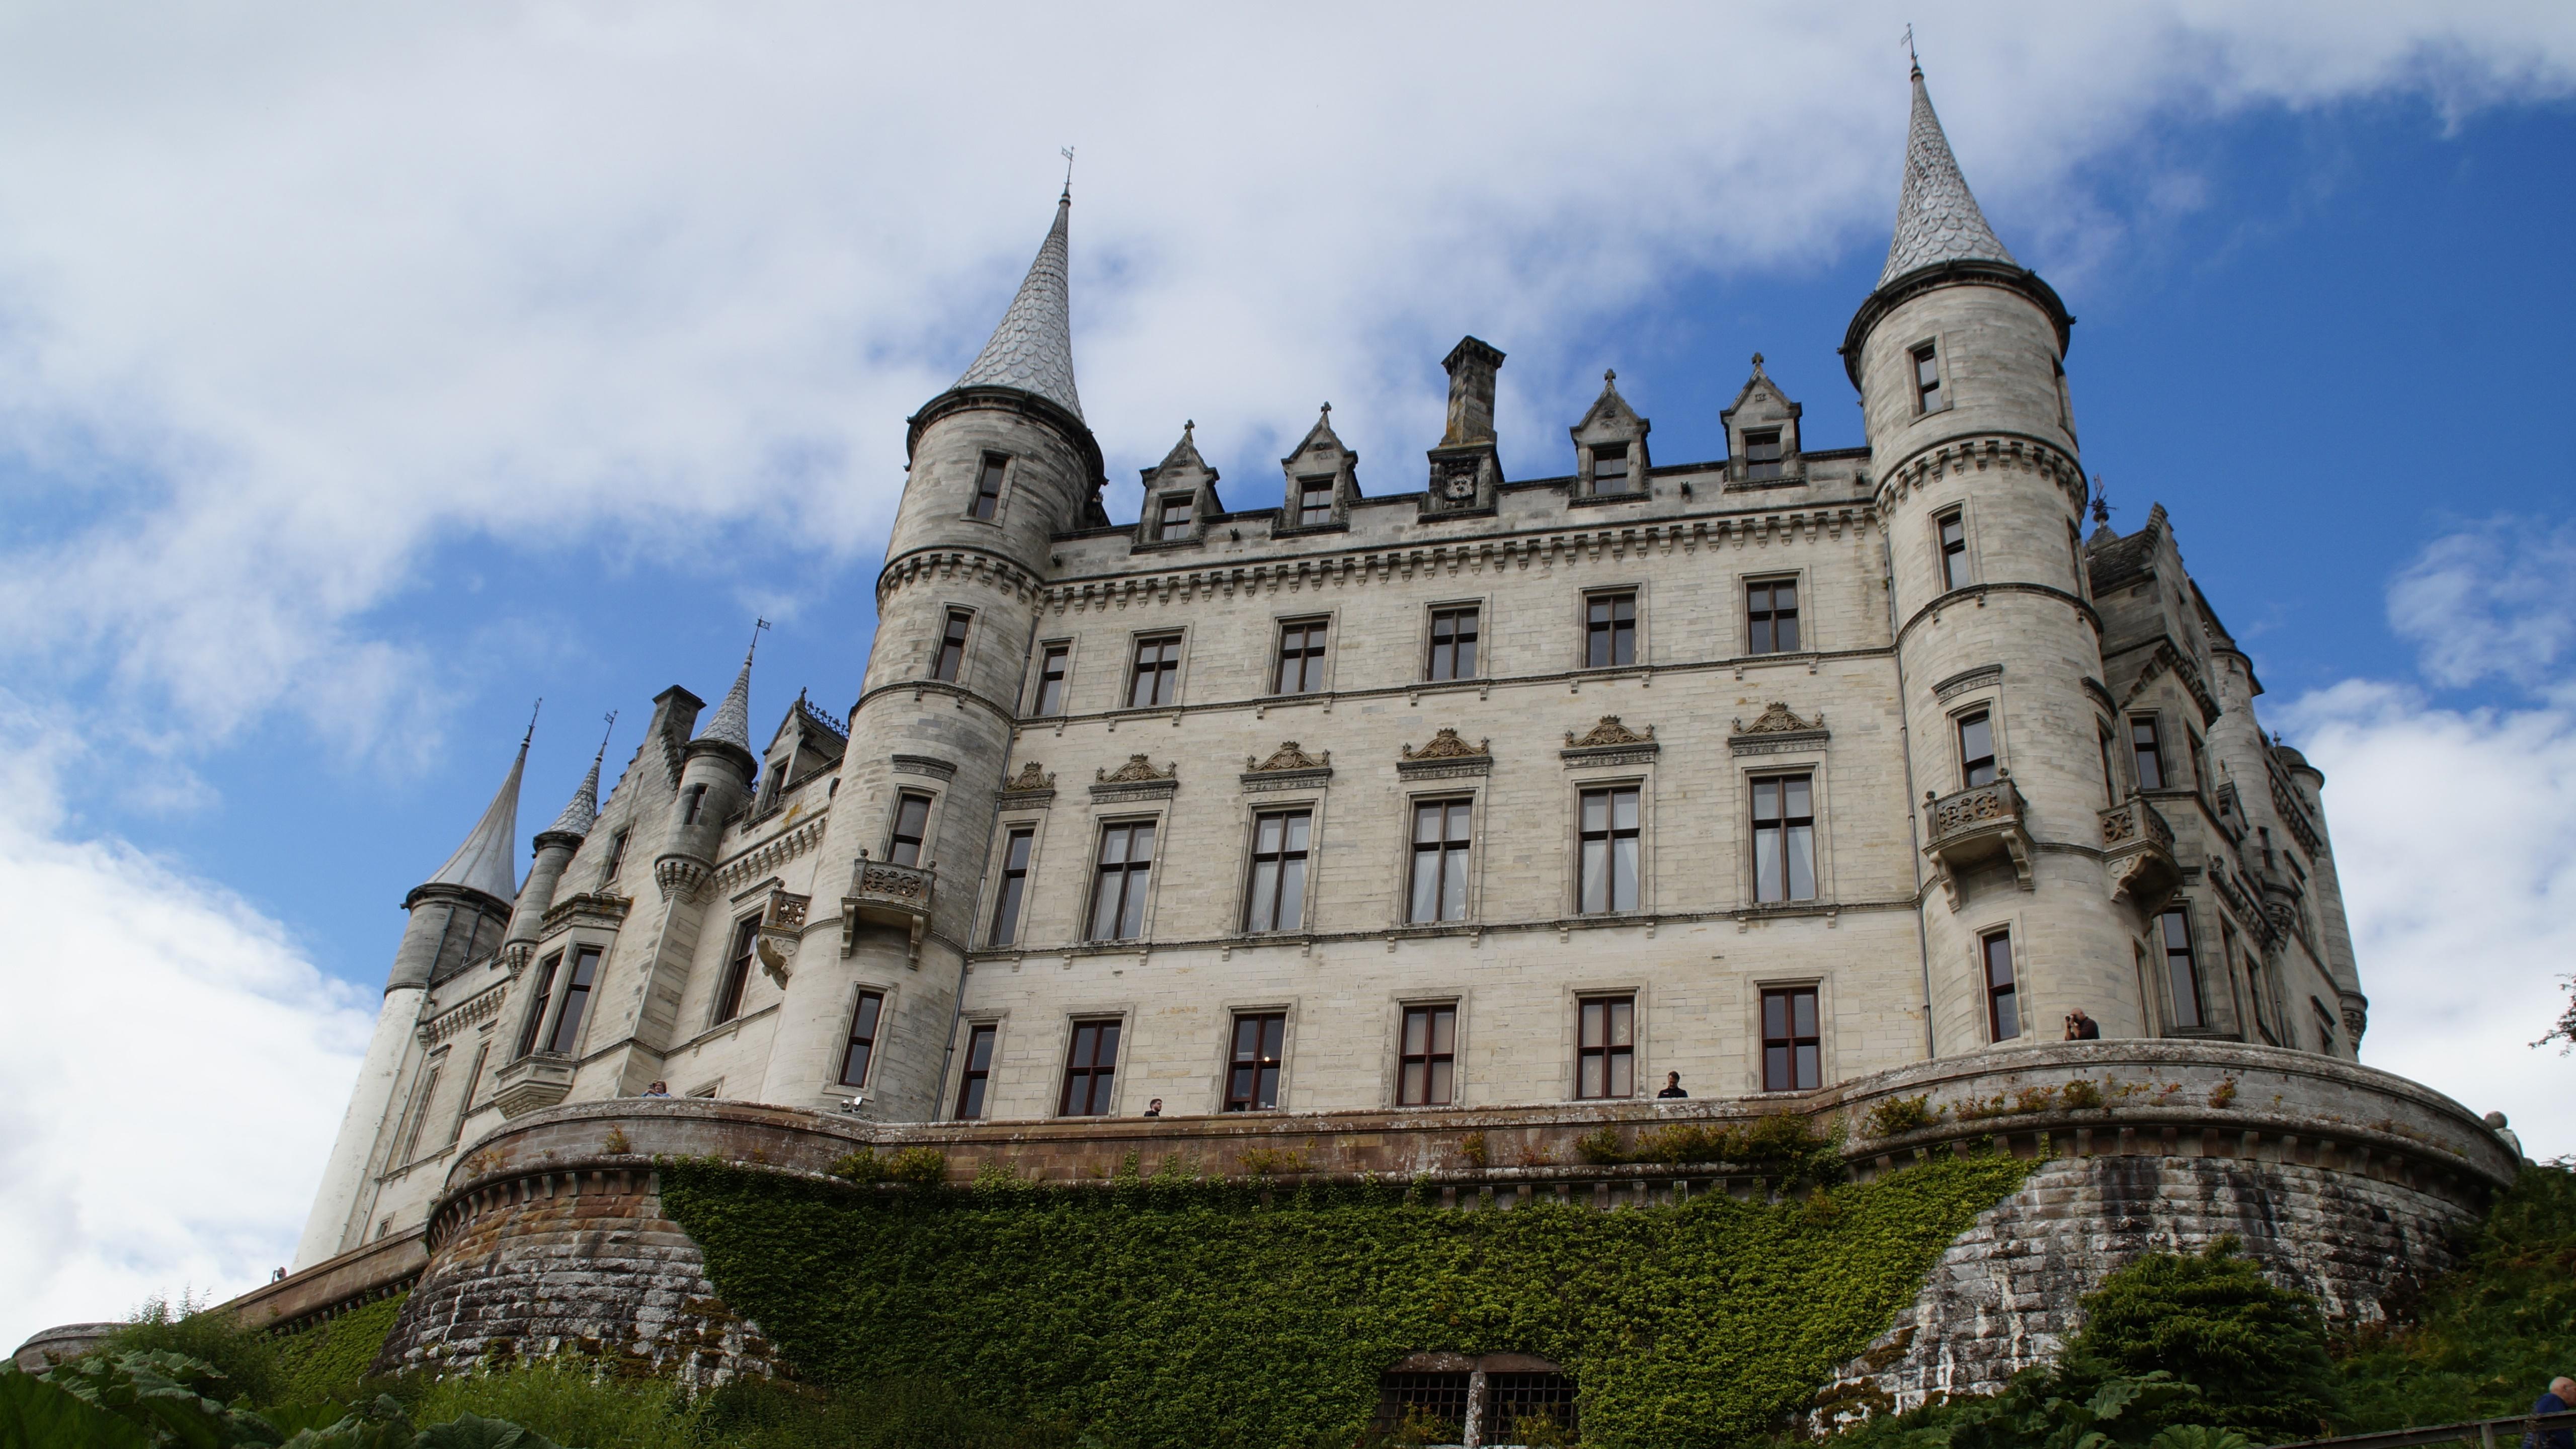 Architecture Castle Dunrobin Castle Scotland 5120x2880